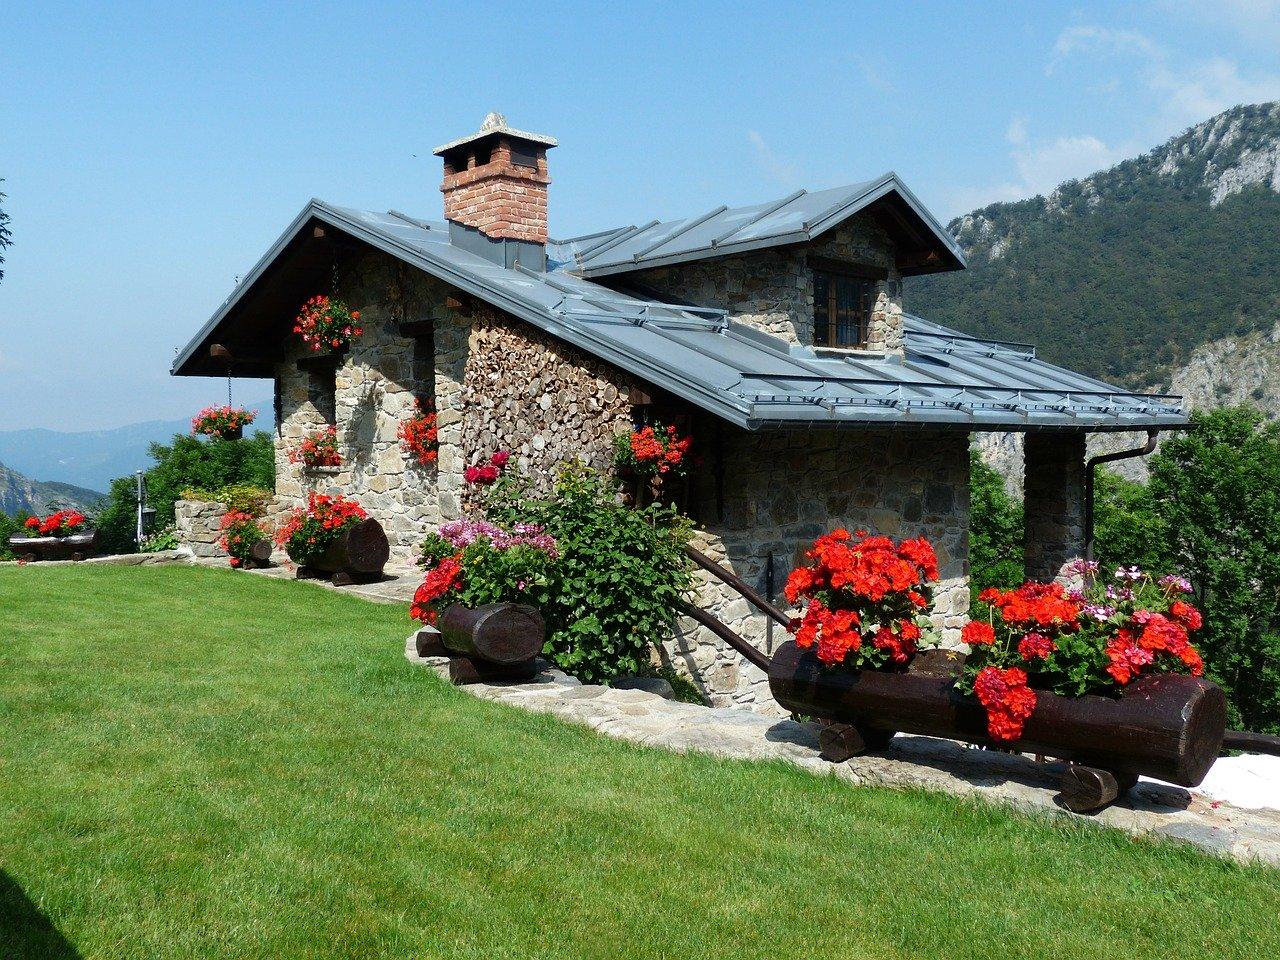 Ein Ferienhaus bauen